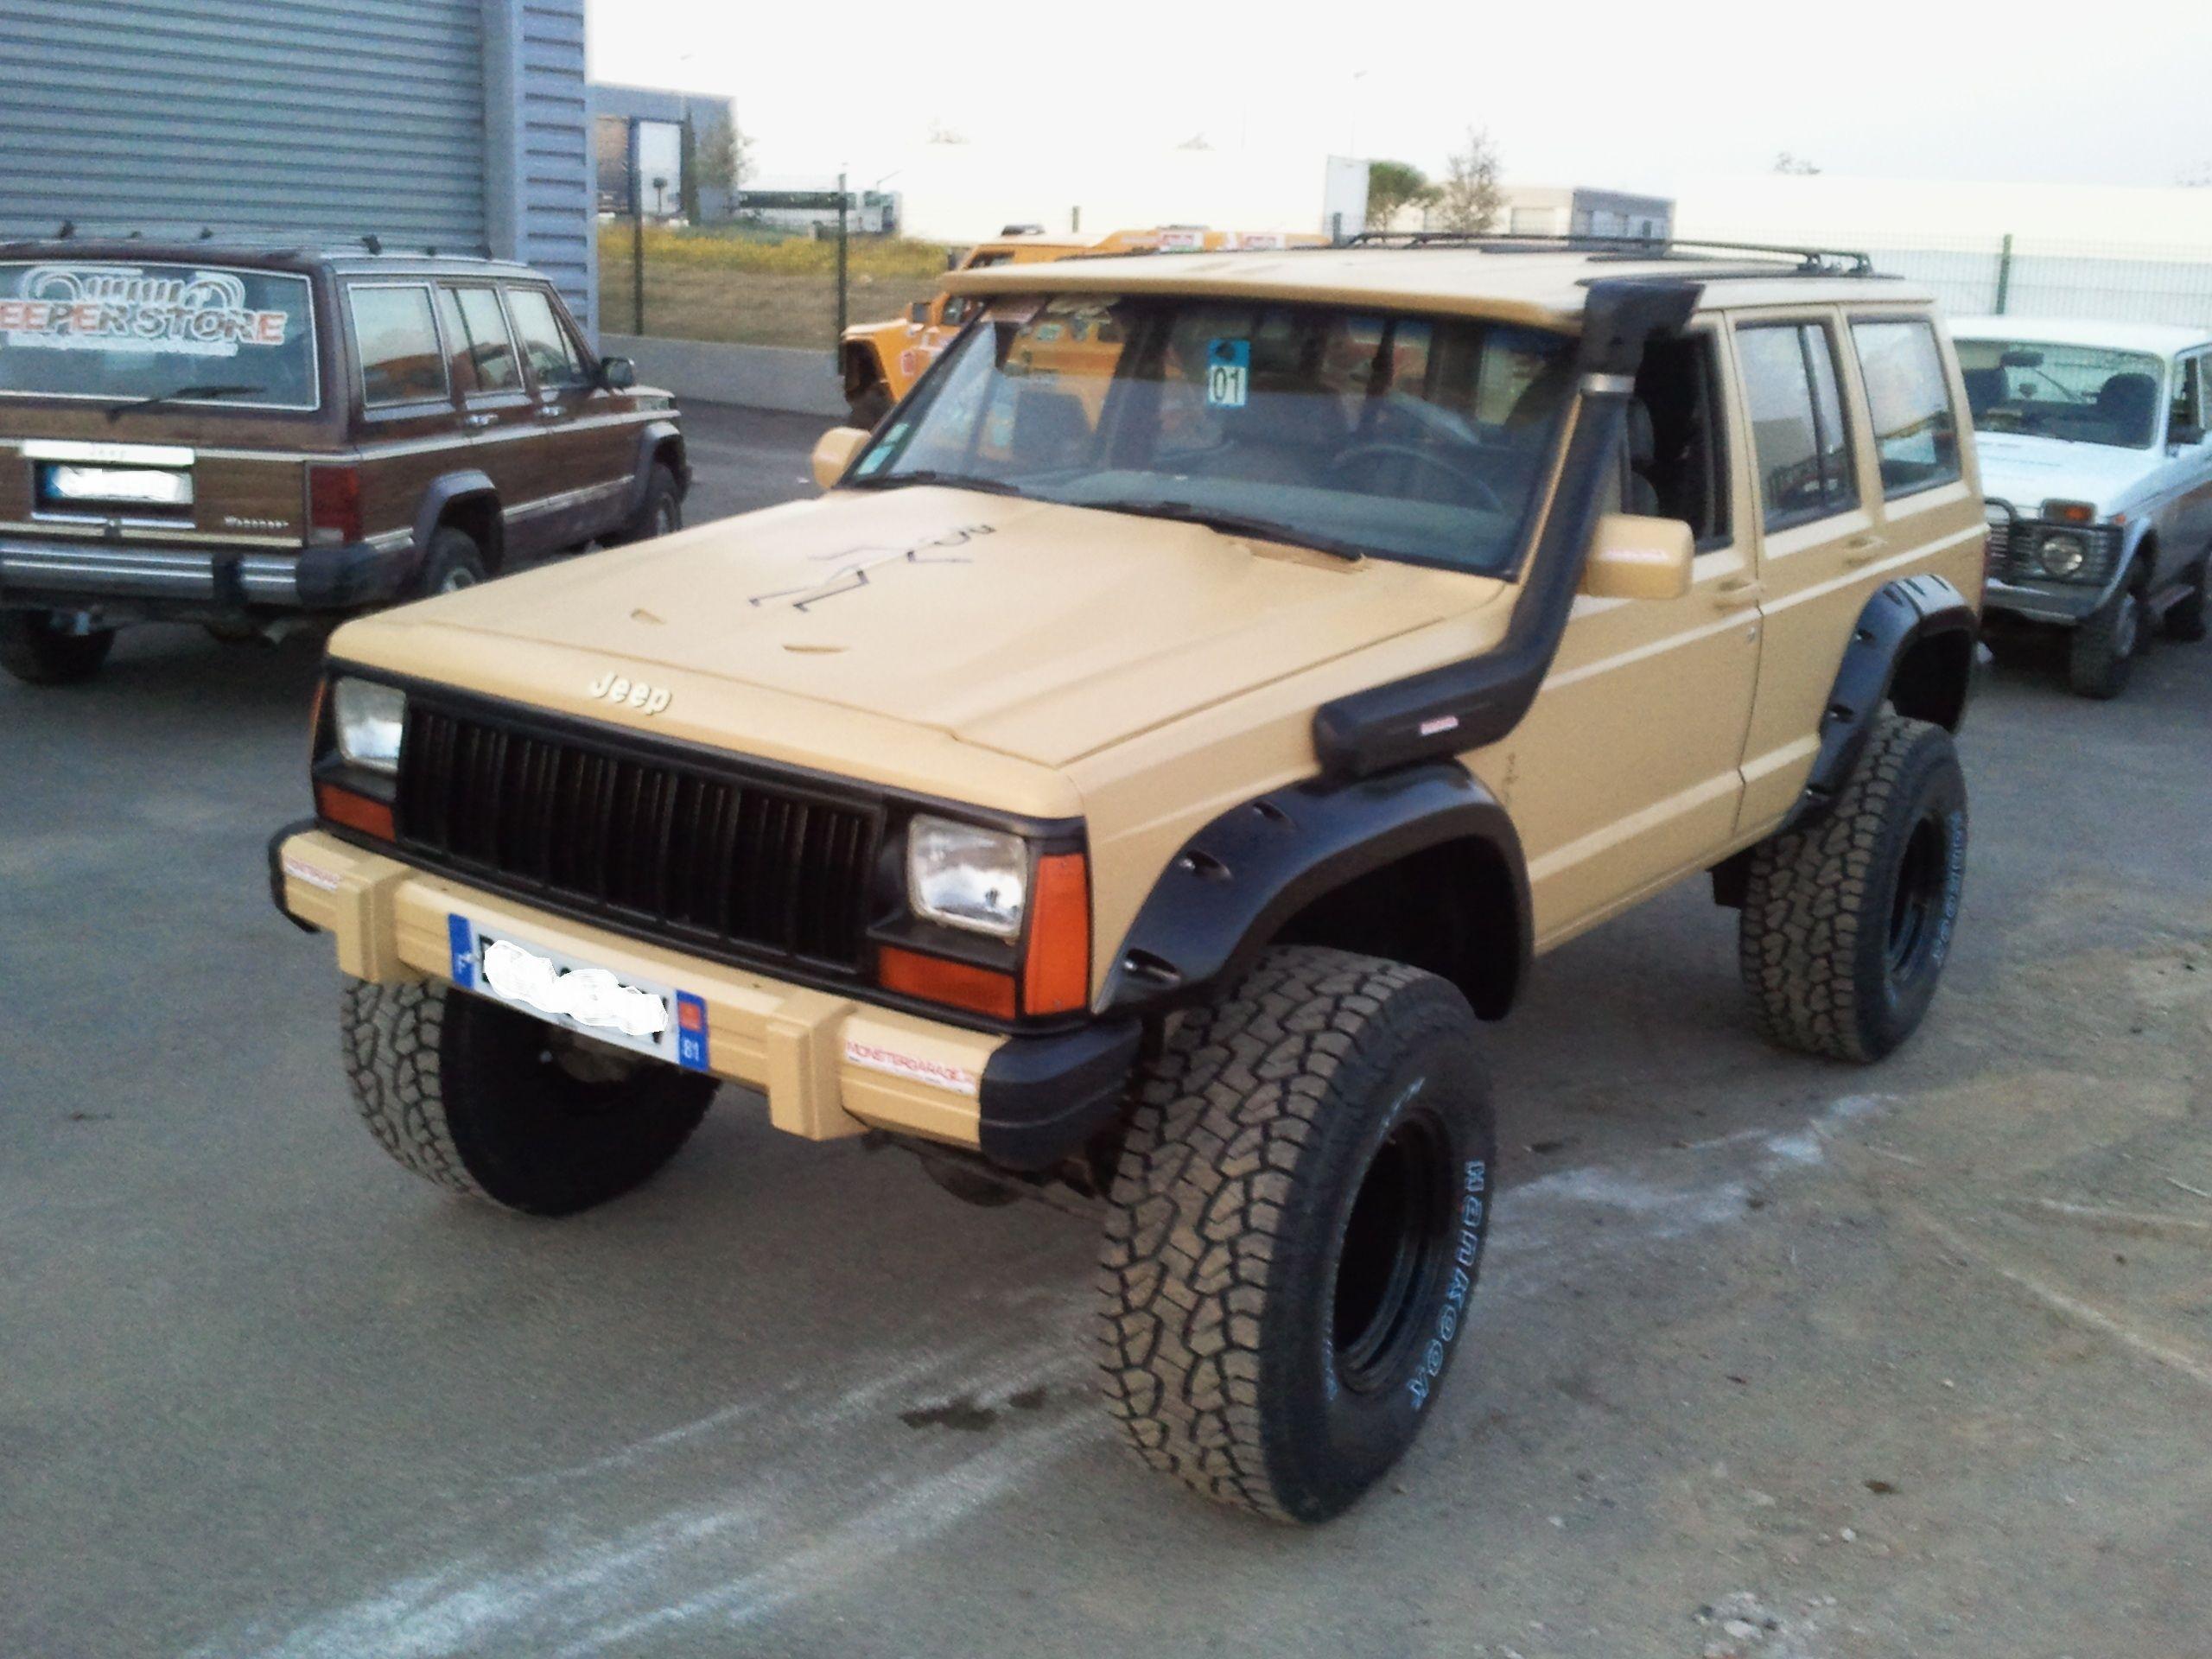 Daace Diath S 1989 Jeep Cherokee Jeep Cherokee Jeep Xj Jeep